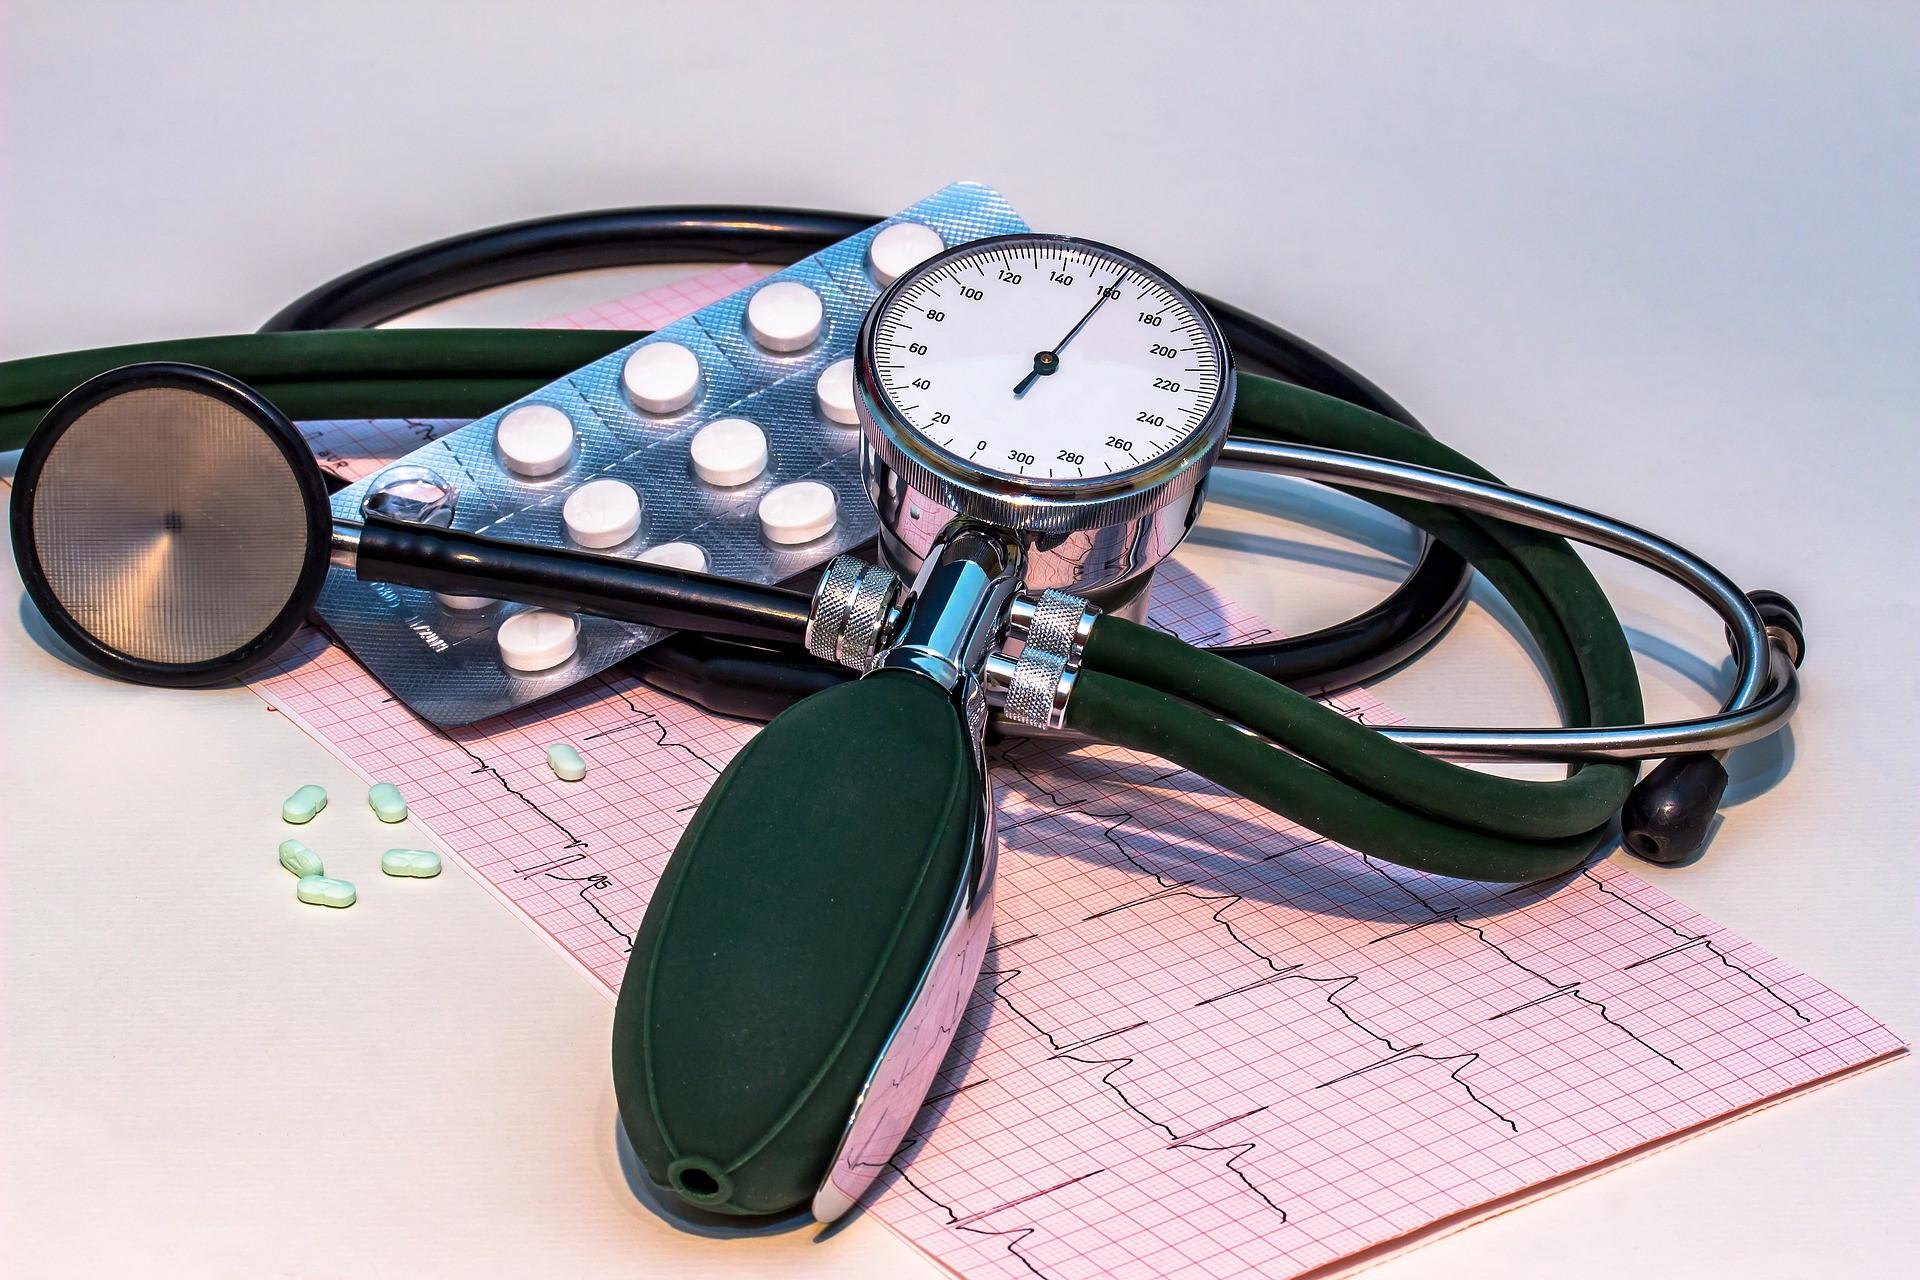 kodel sokineja kraujo spaudimas slaugos intervencijos dėl hipertenzijos